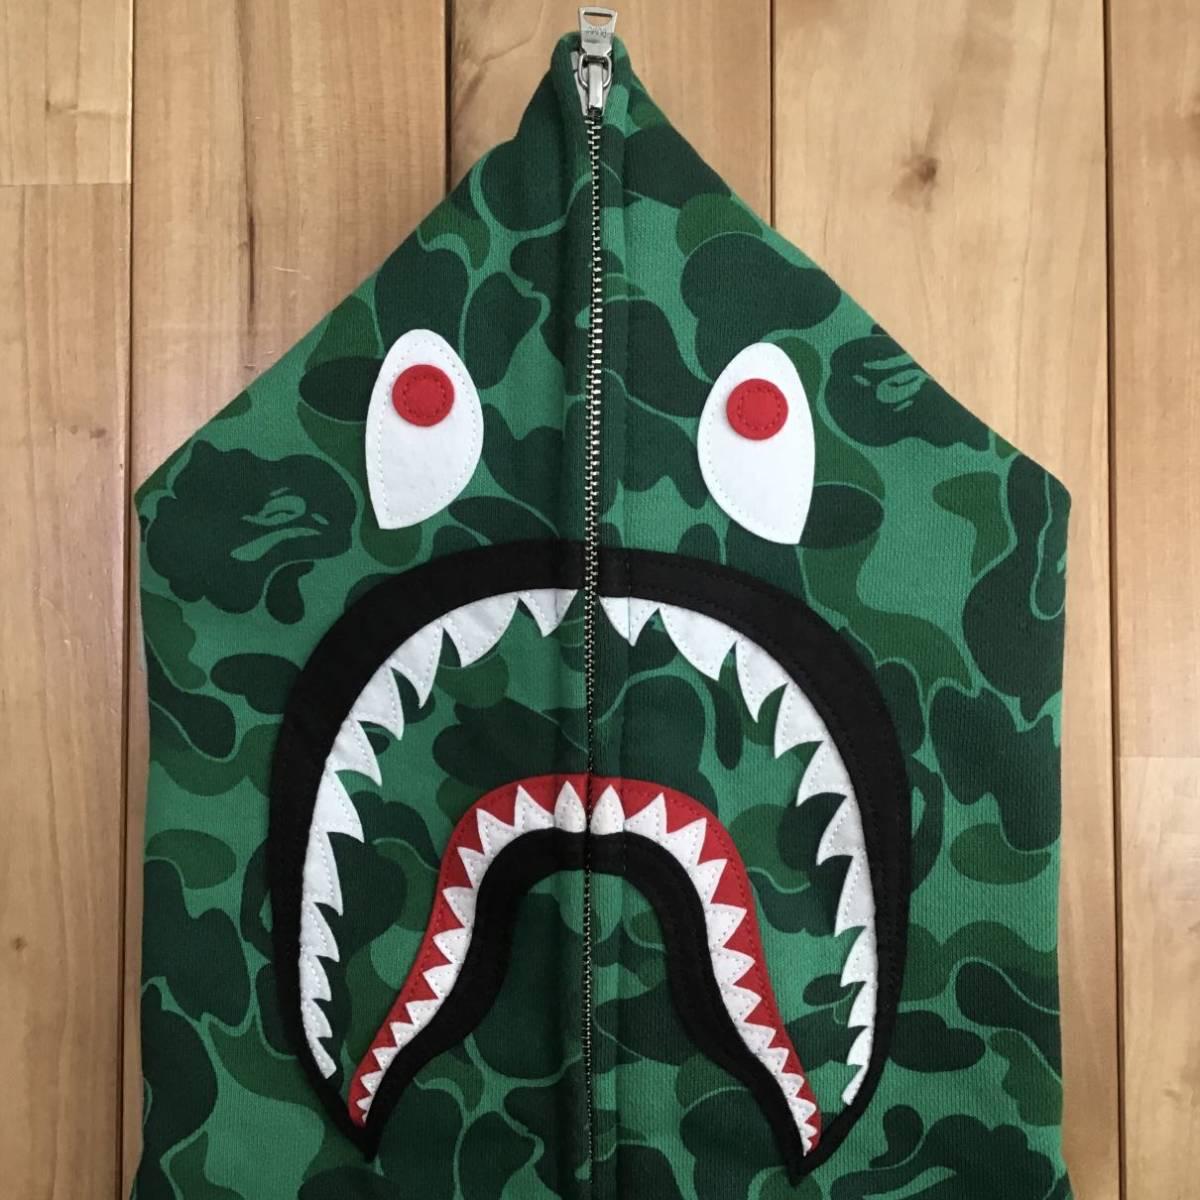 ★渋谷限定★ shibuya city camo シャーク パーカー Sサイズ shark full zip hoodie a bathing ape BAPE エイプ ベイプ 迷彩 2017